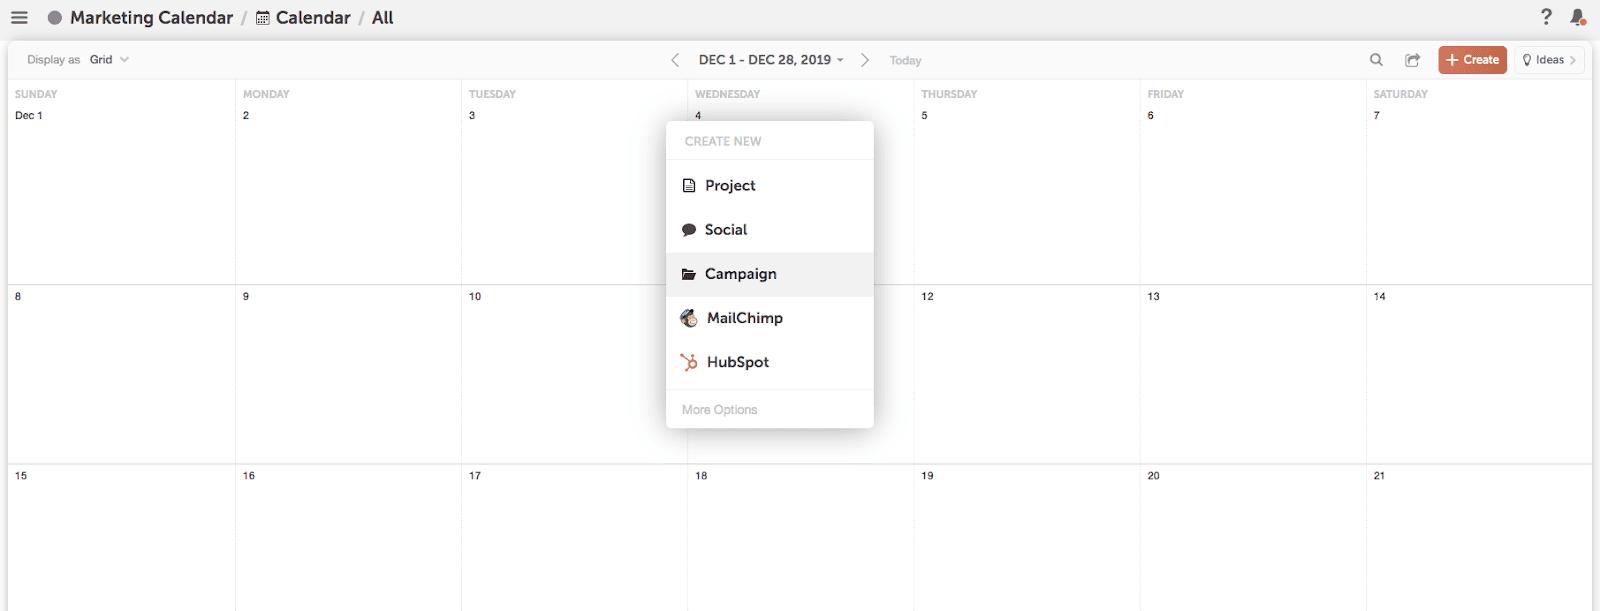 Adding campaign to calendar